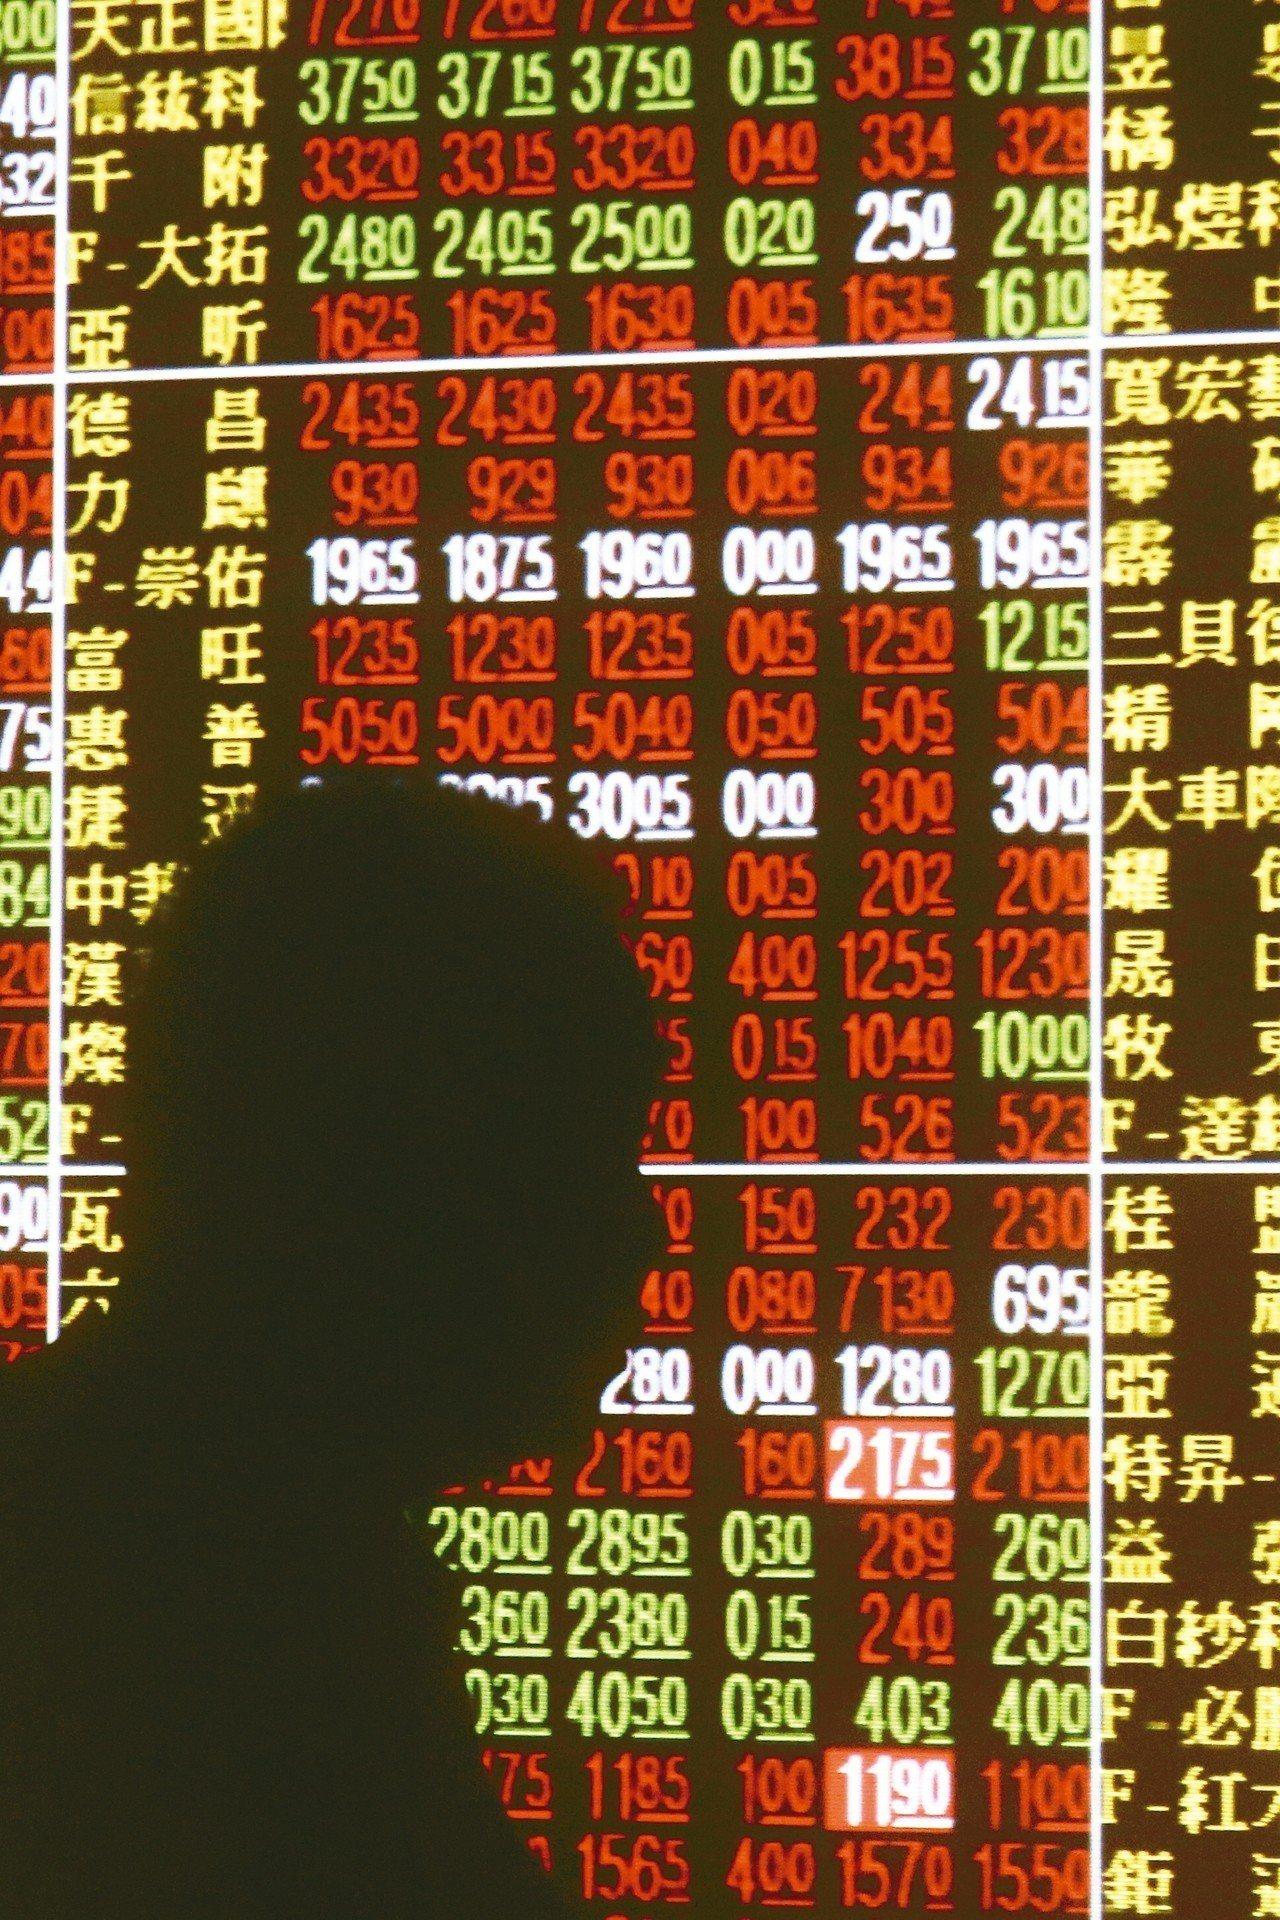 台股終場上漲46.91點,收9,836.06點。 圖/聯合報系資料照片